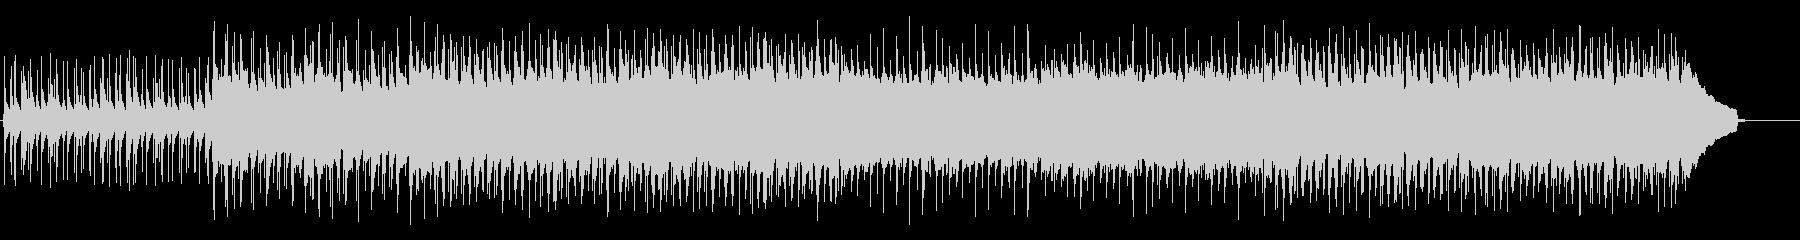 【メロ抜】明るく優しいコーポレートBGMの未再生の波形